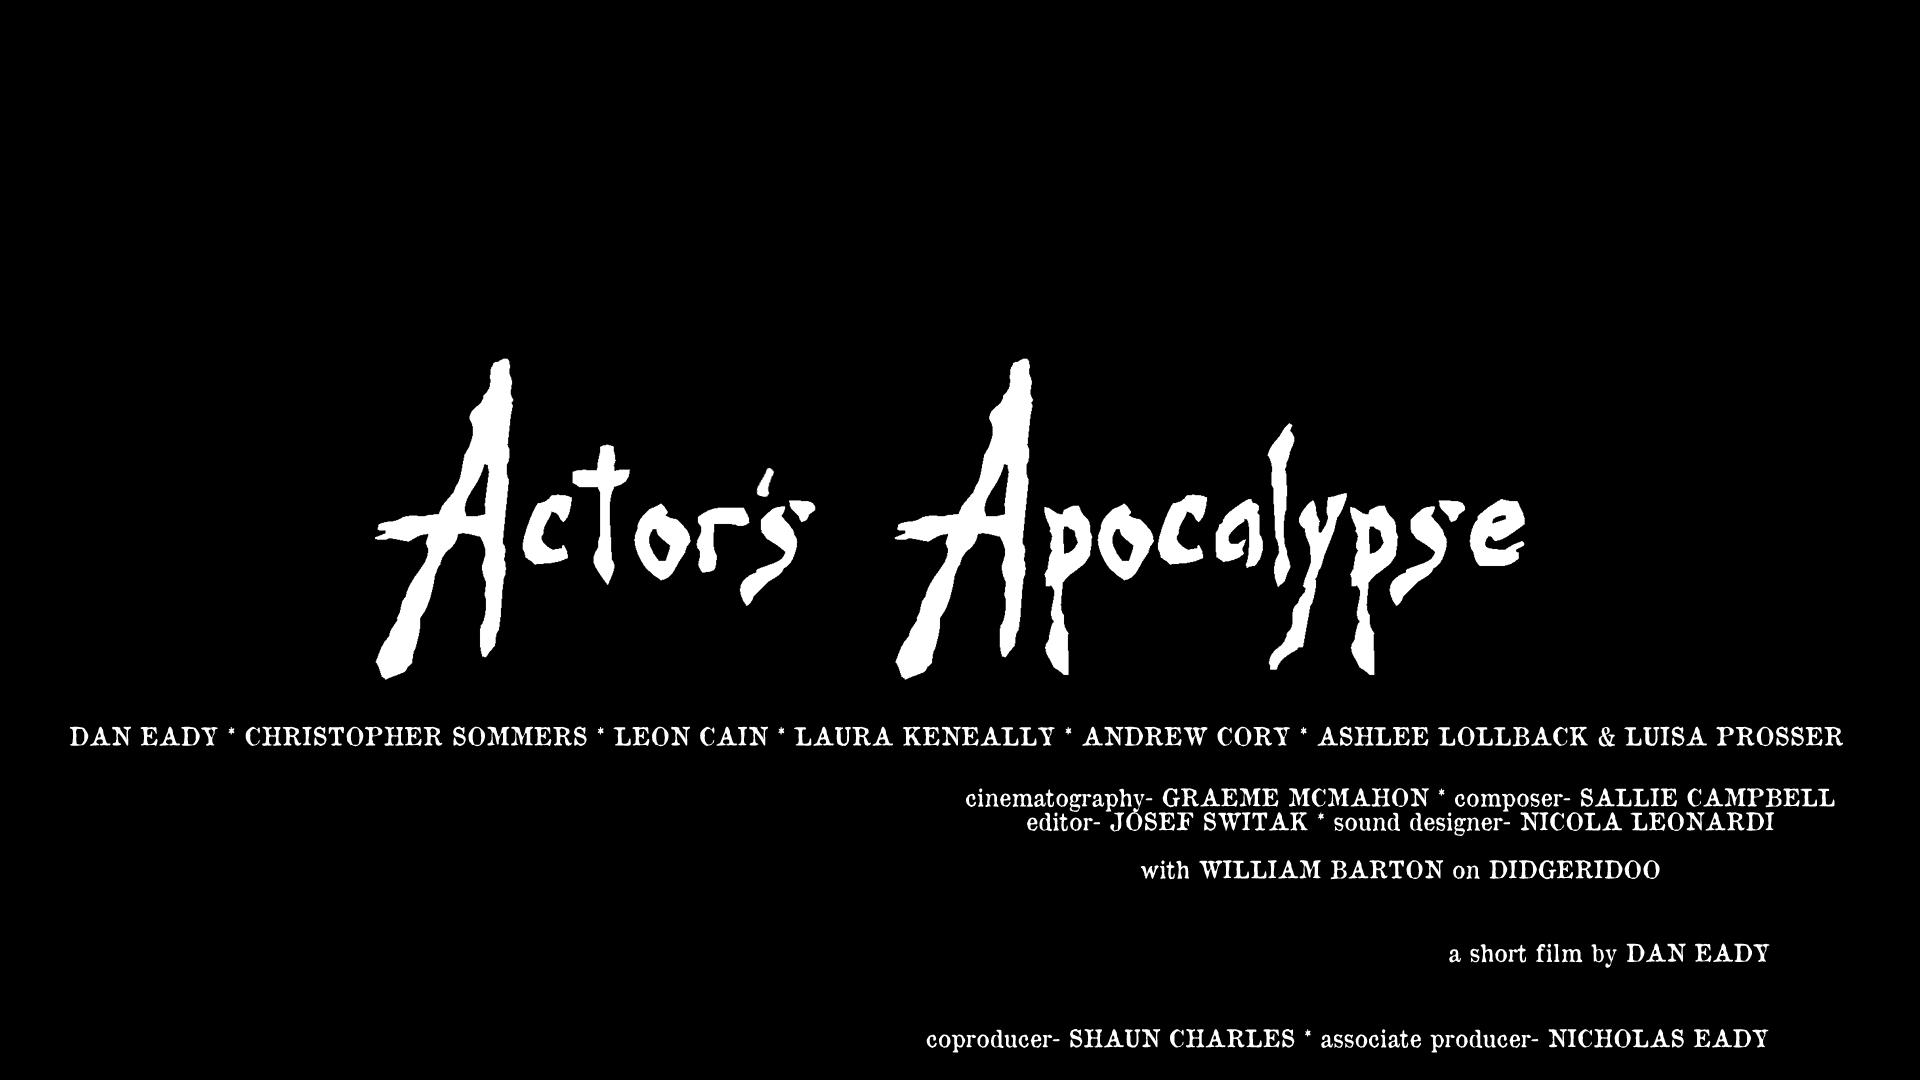 Actor's Apocalypse (2015)